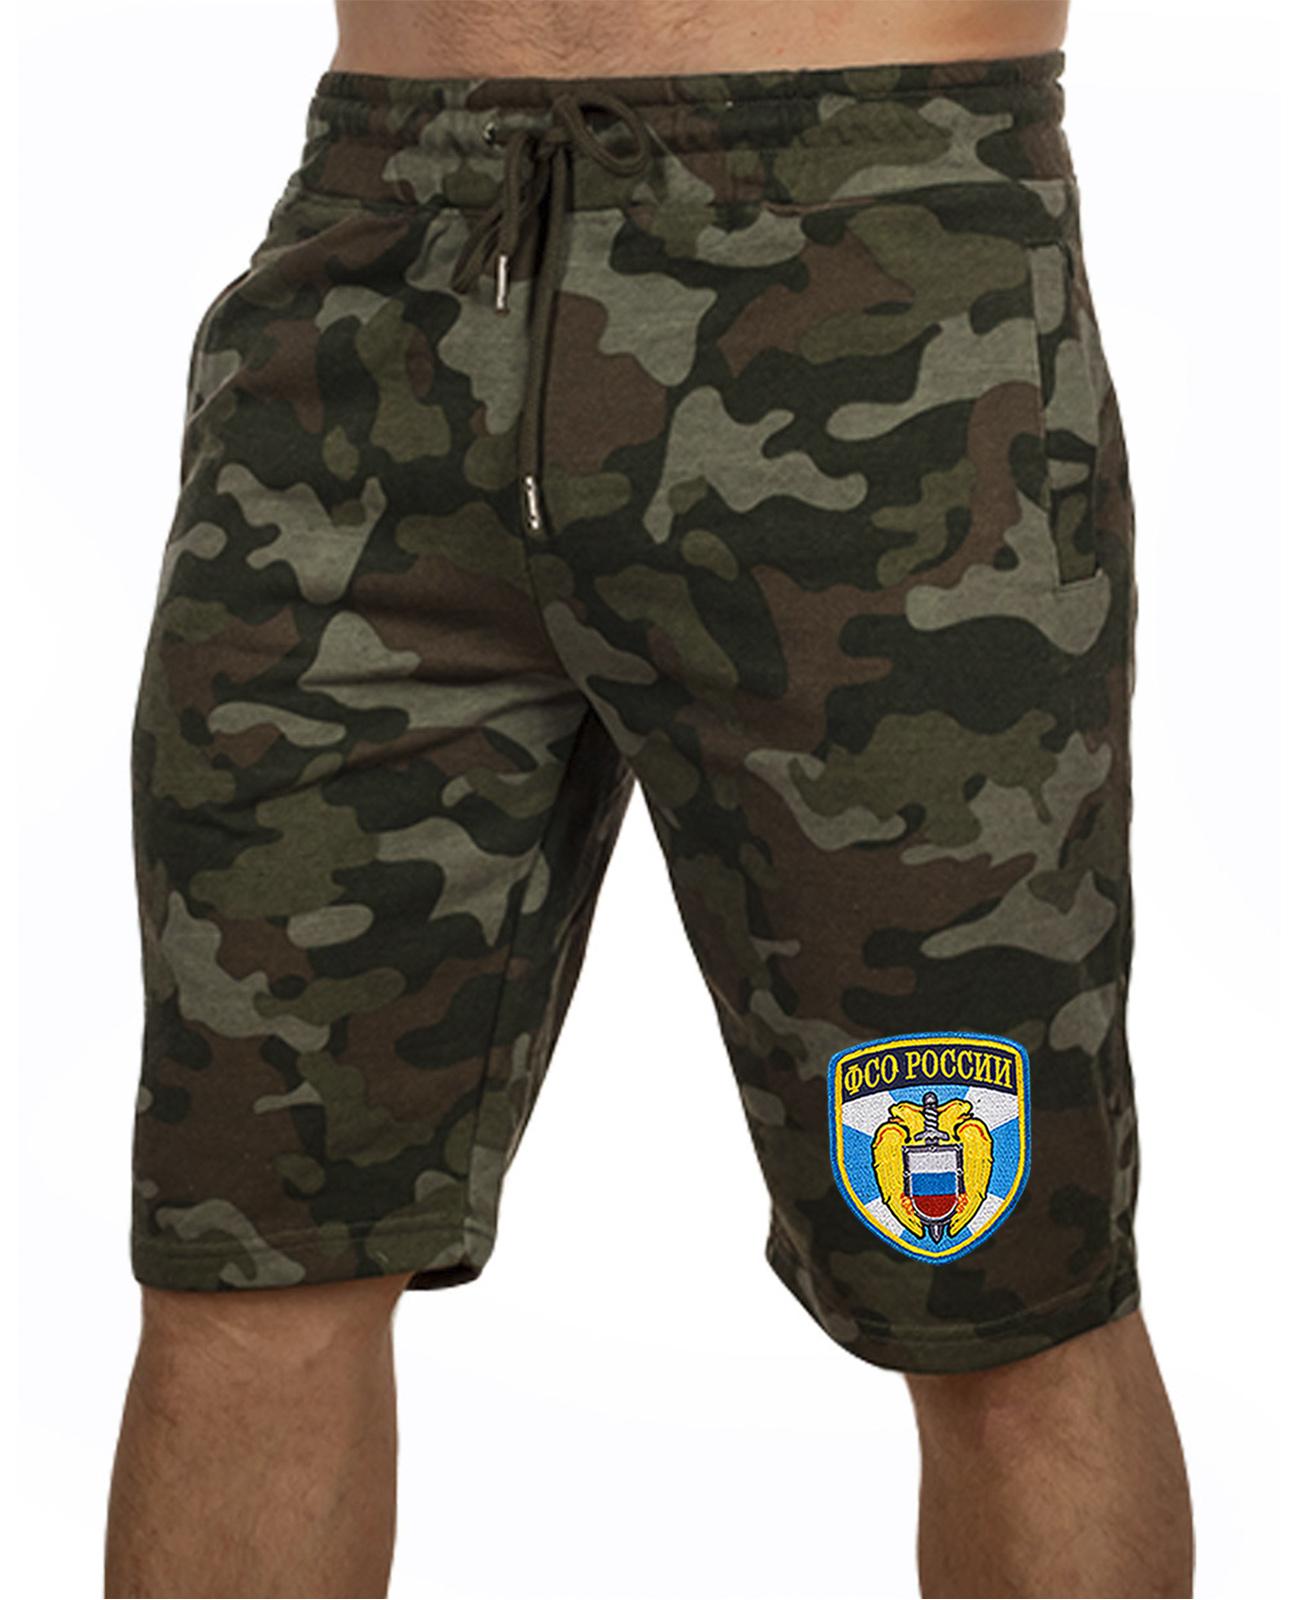 Купить особенные милитари шорты с нашивкой ФСО с доставкой онлайн